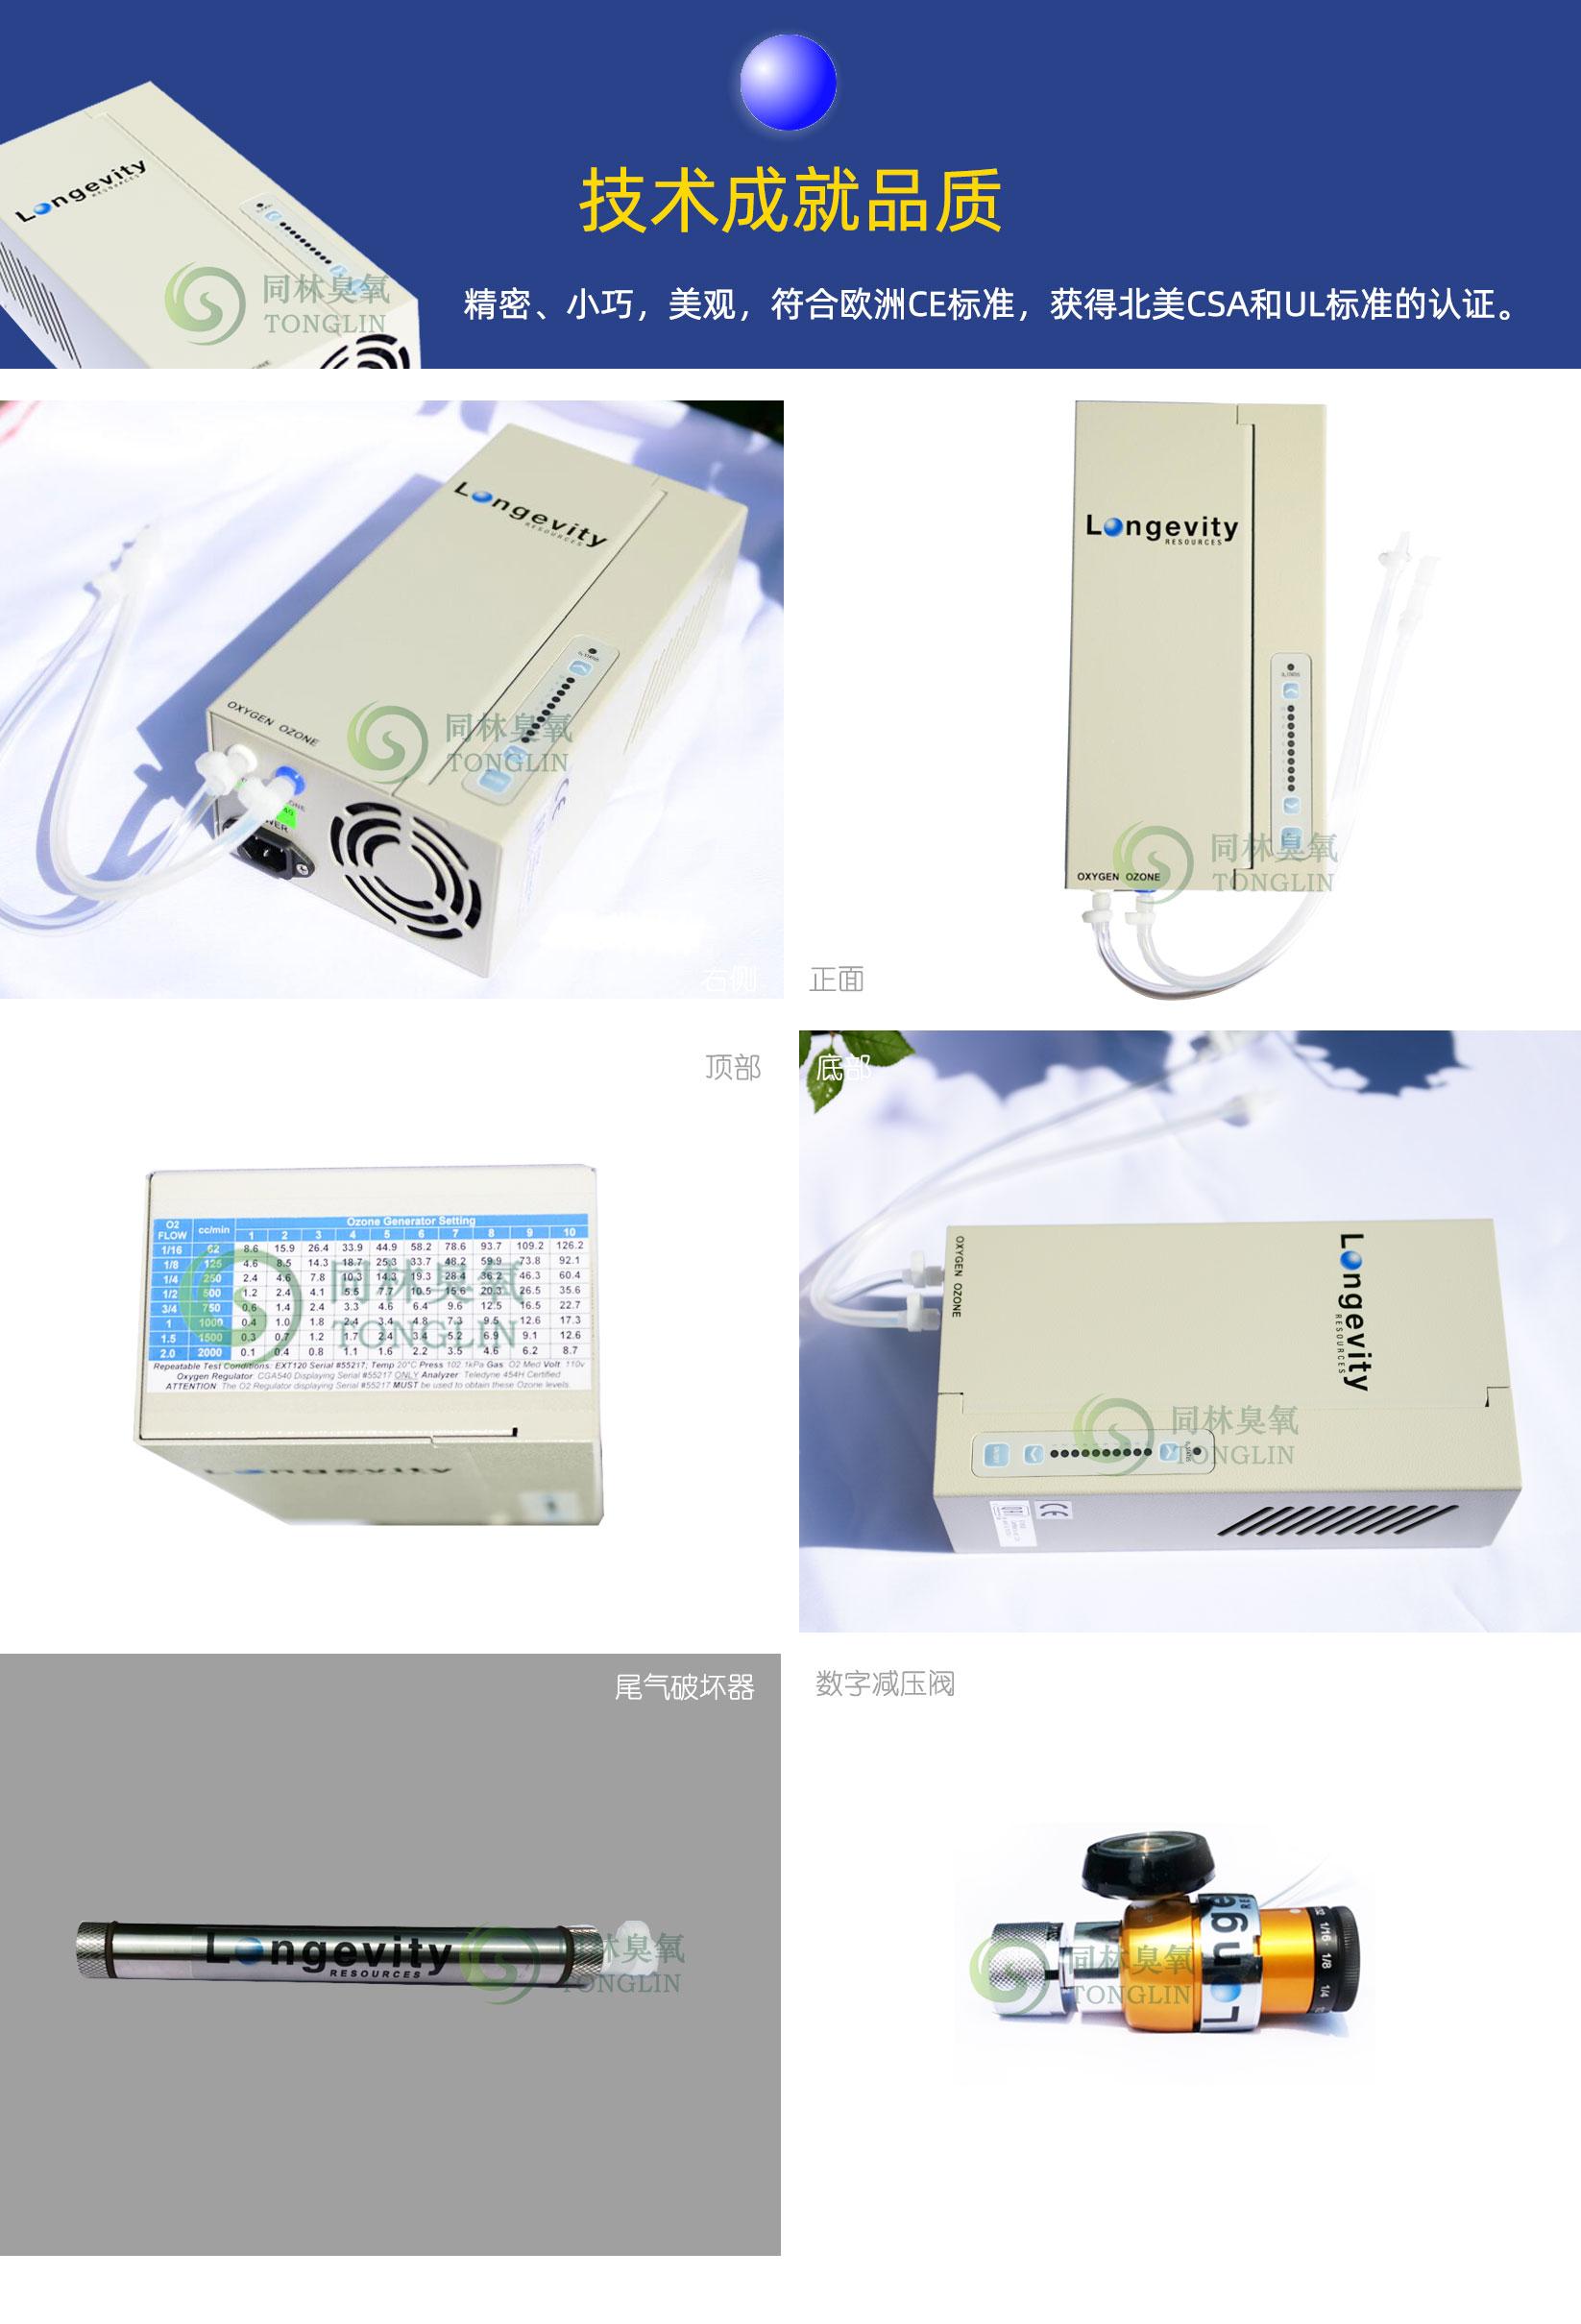 加拿大Longevity EXT120高精度臭氧發生器(10檔濃度可調)